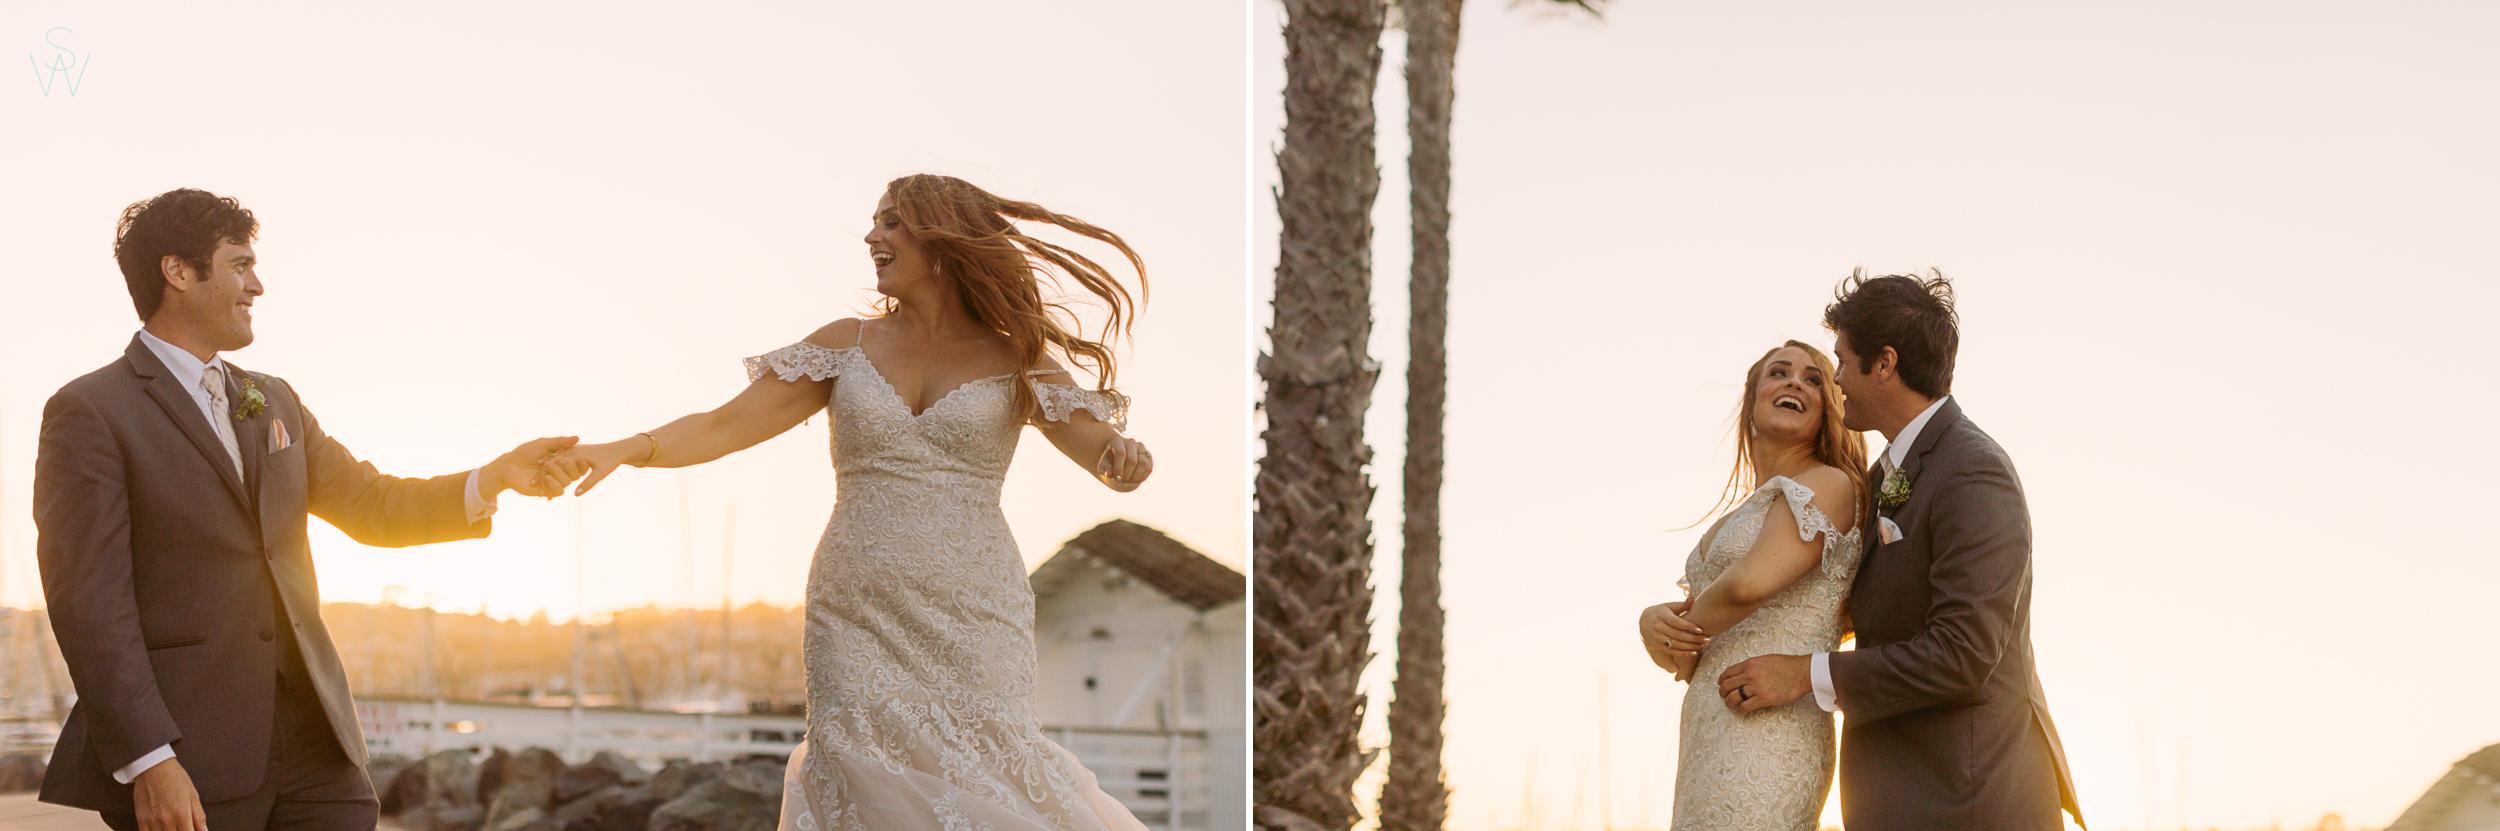 169San.diego.wedding.shewanders.photography.JPG